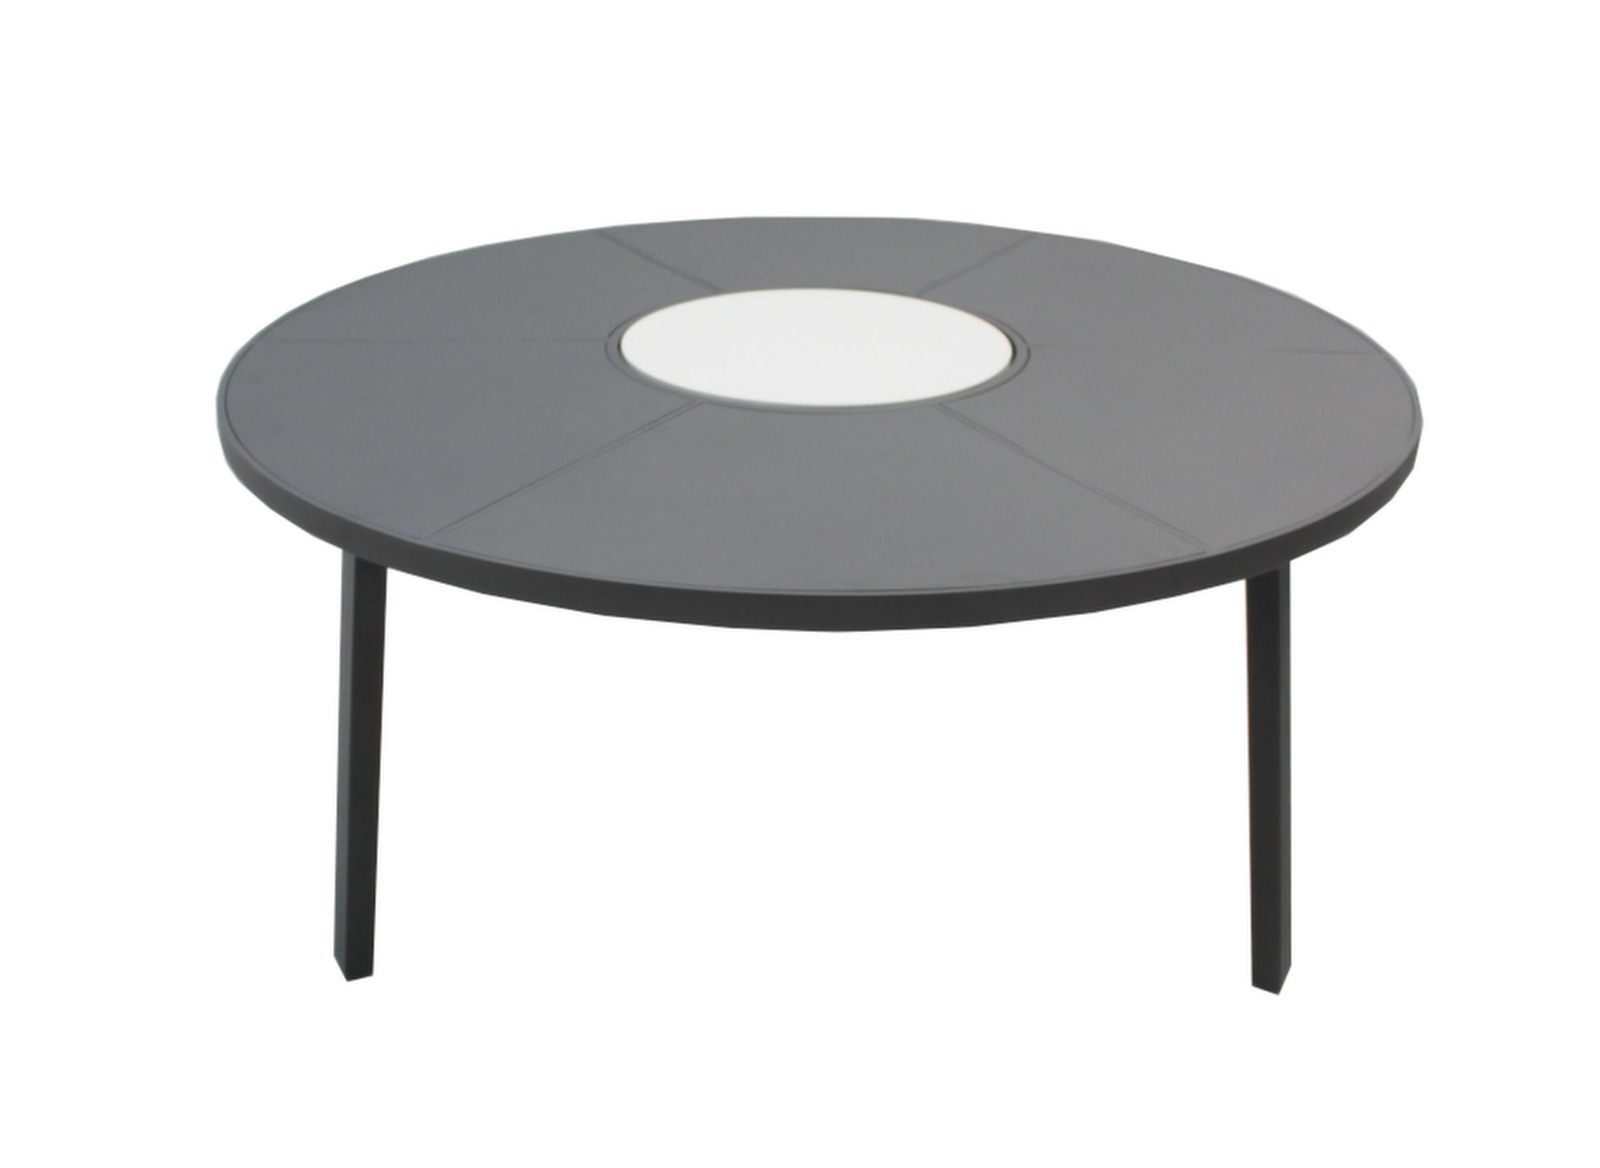 Table de jardin ronde avec plateau tournant azur oc o - Table avec plateau tournant ...